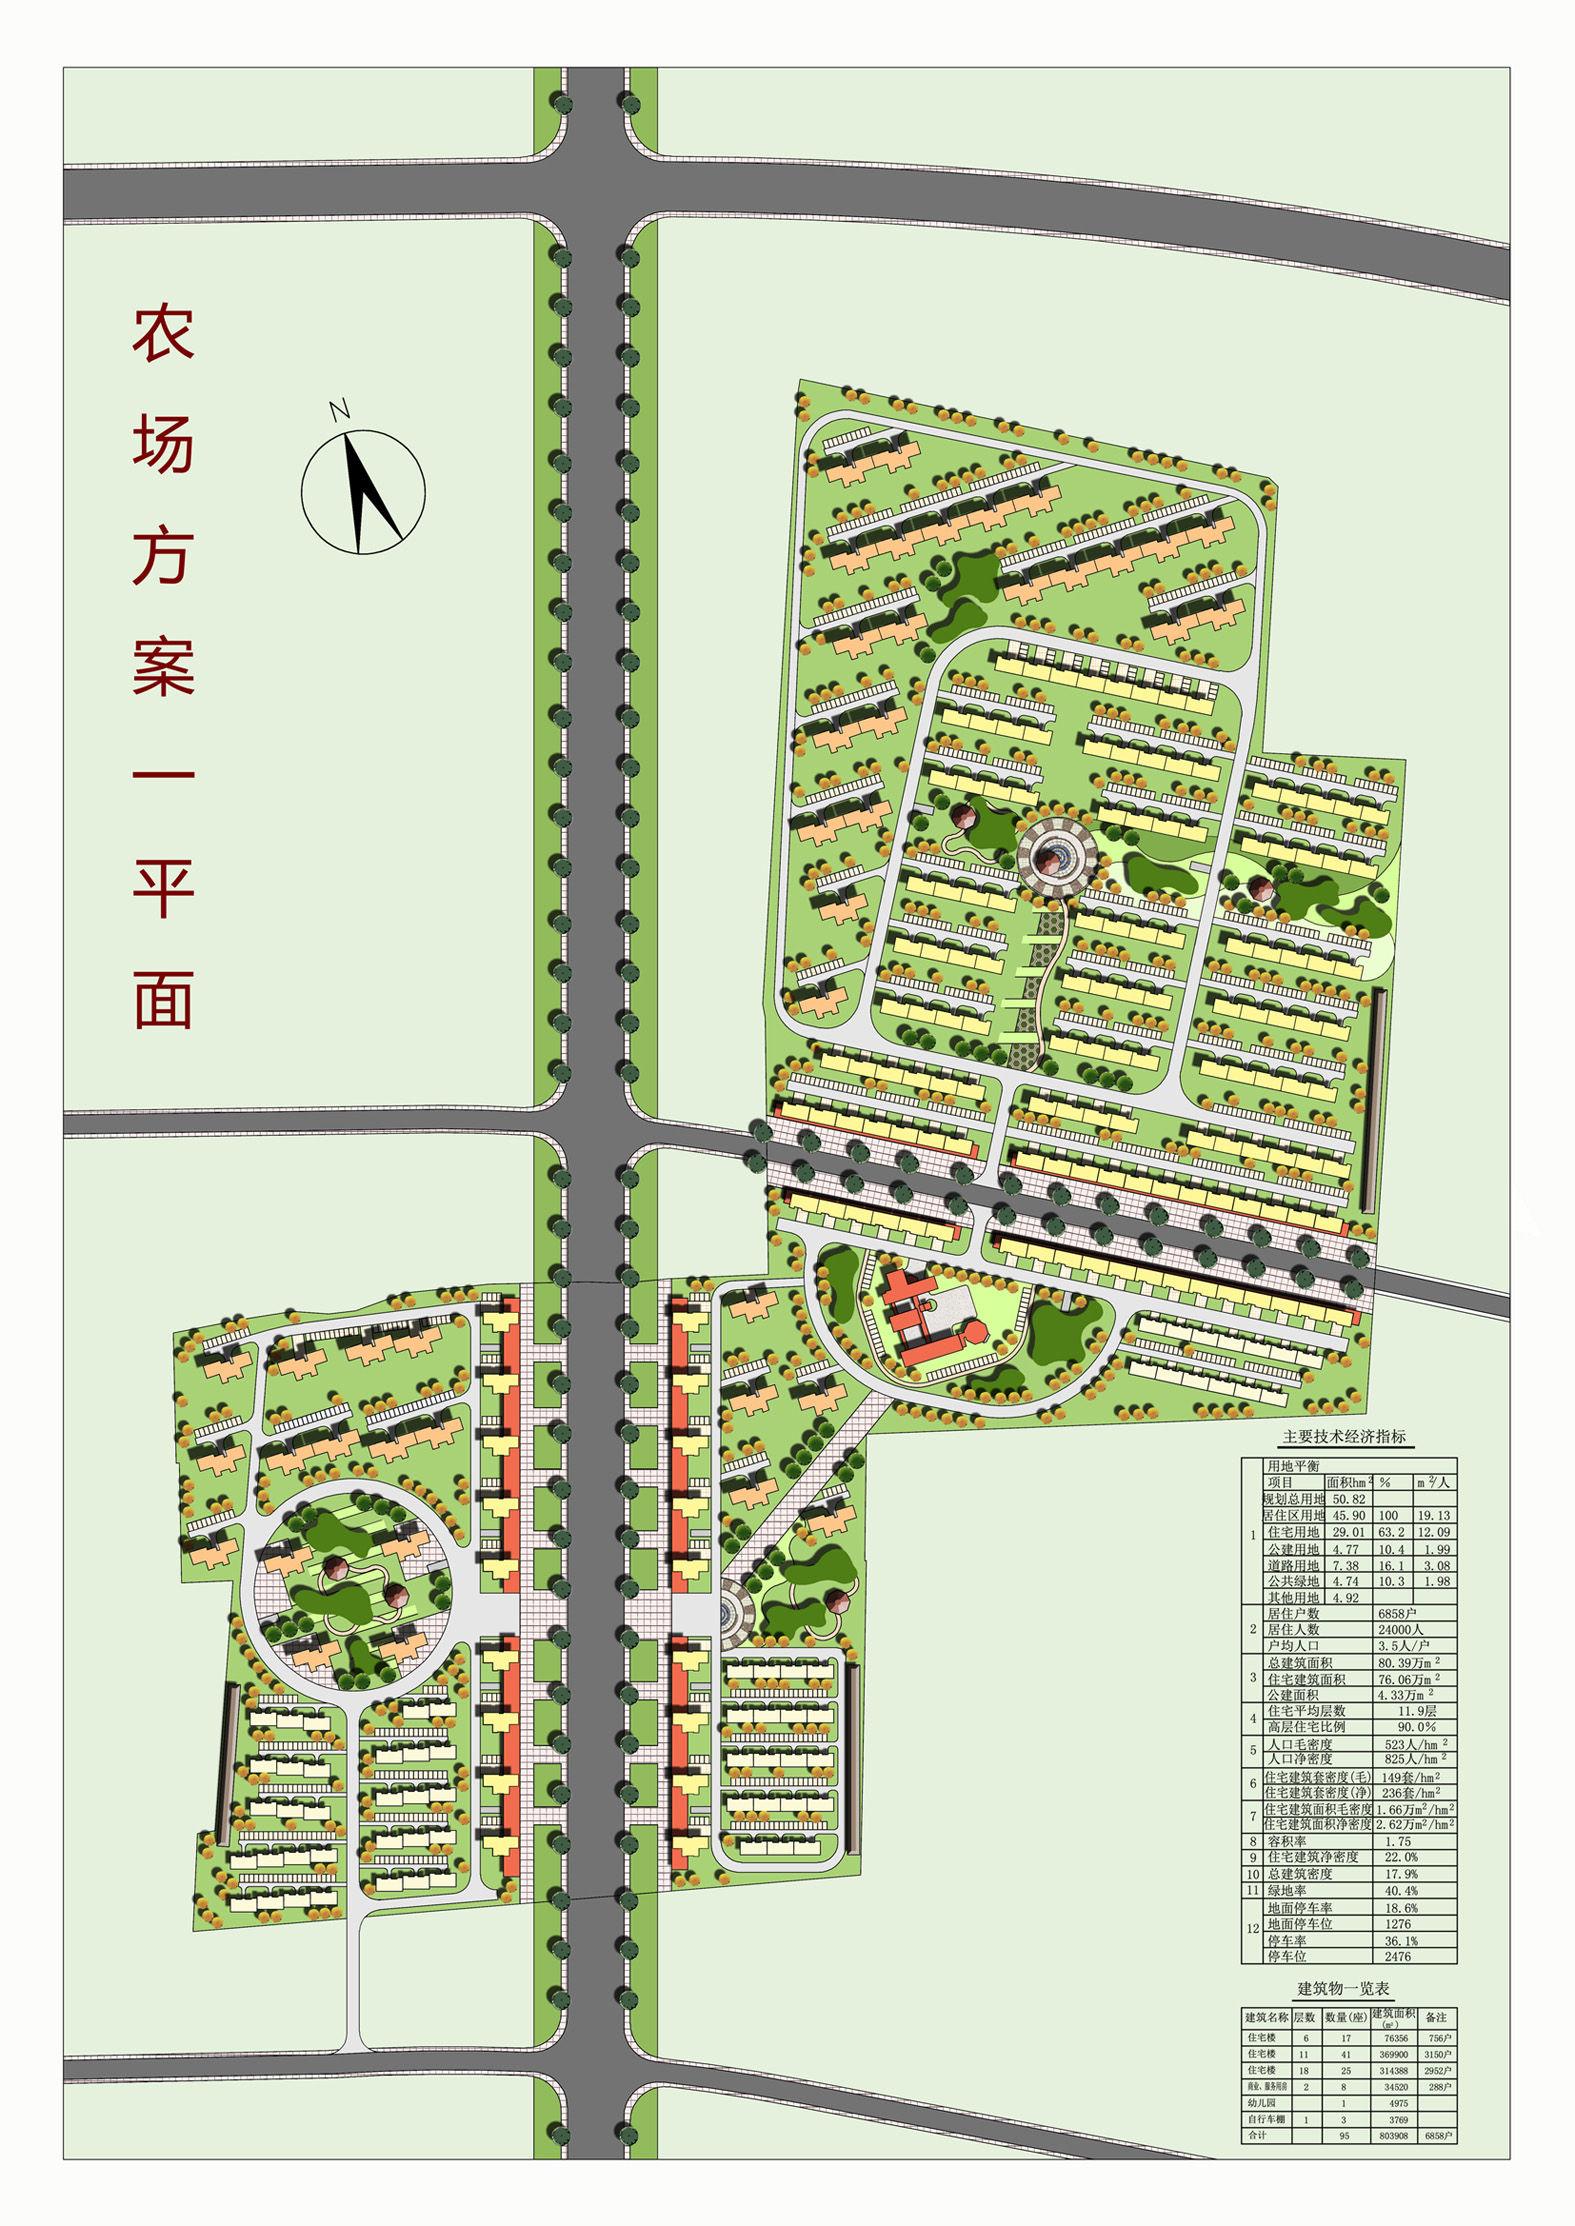 红动中国设计空间 居住小区平面效果图 住宅小区平面布置效果图图片